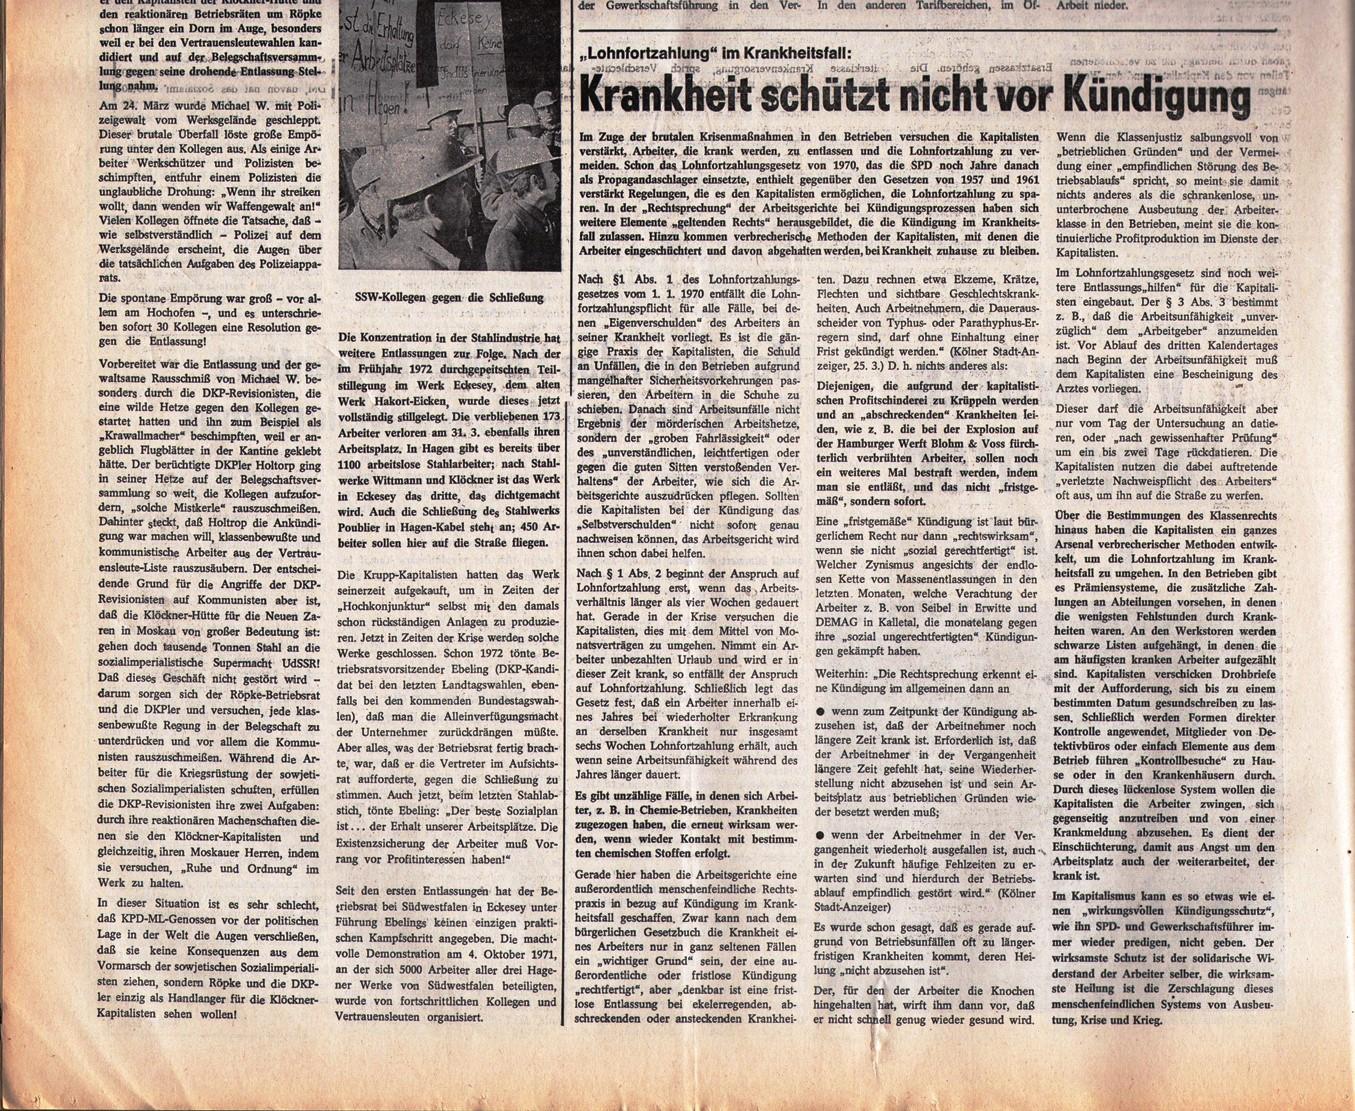 KPD_Rote_Fahne_1976_14_08